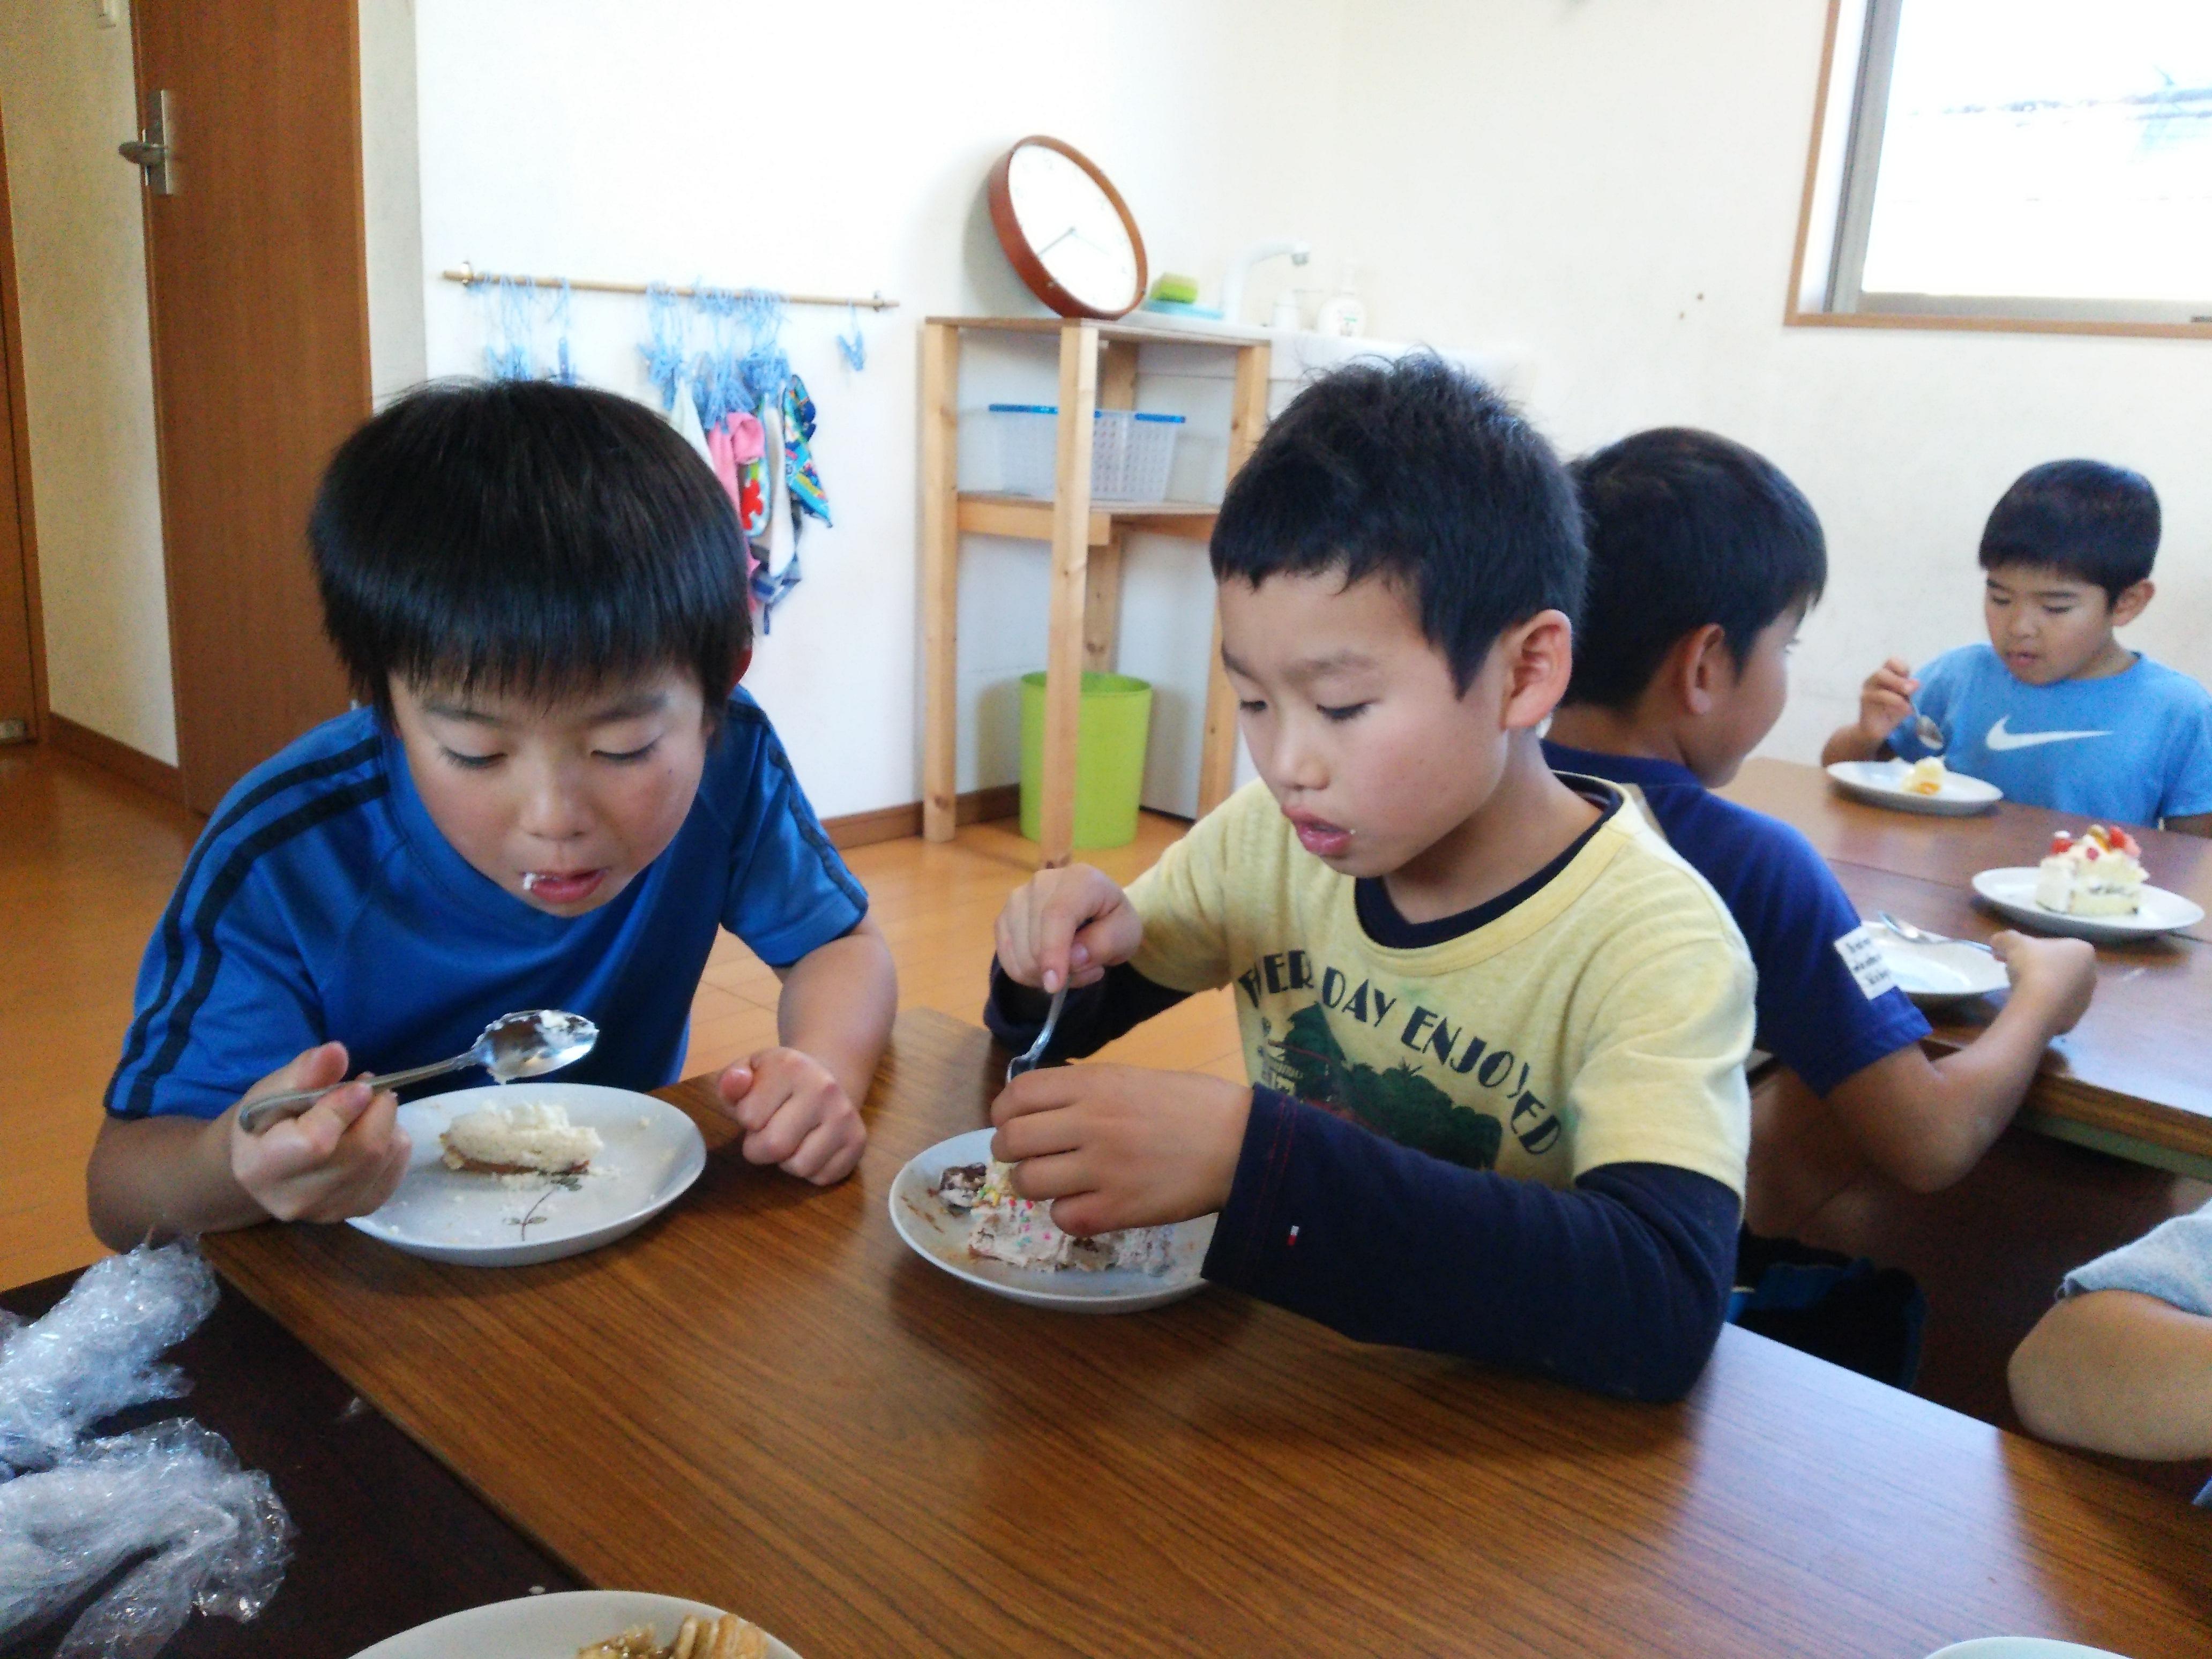 食べてる様子3.jpg